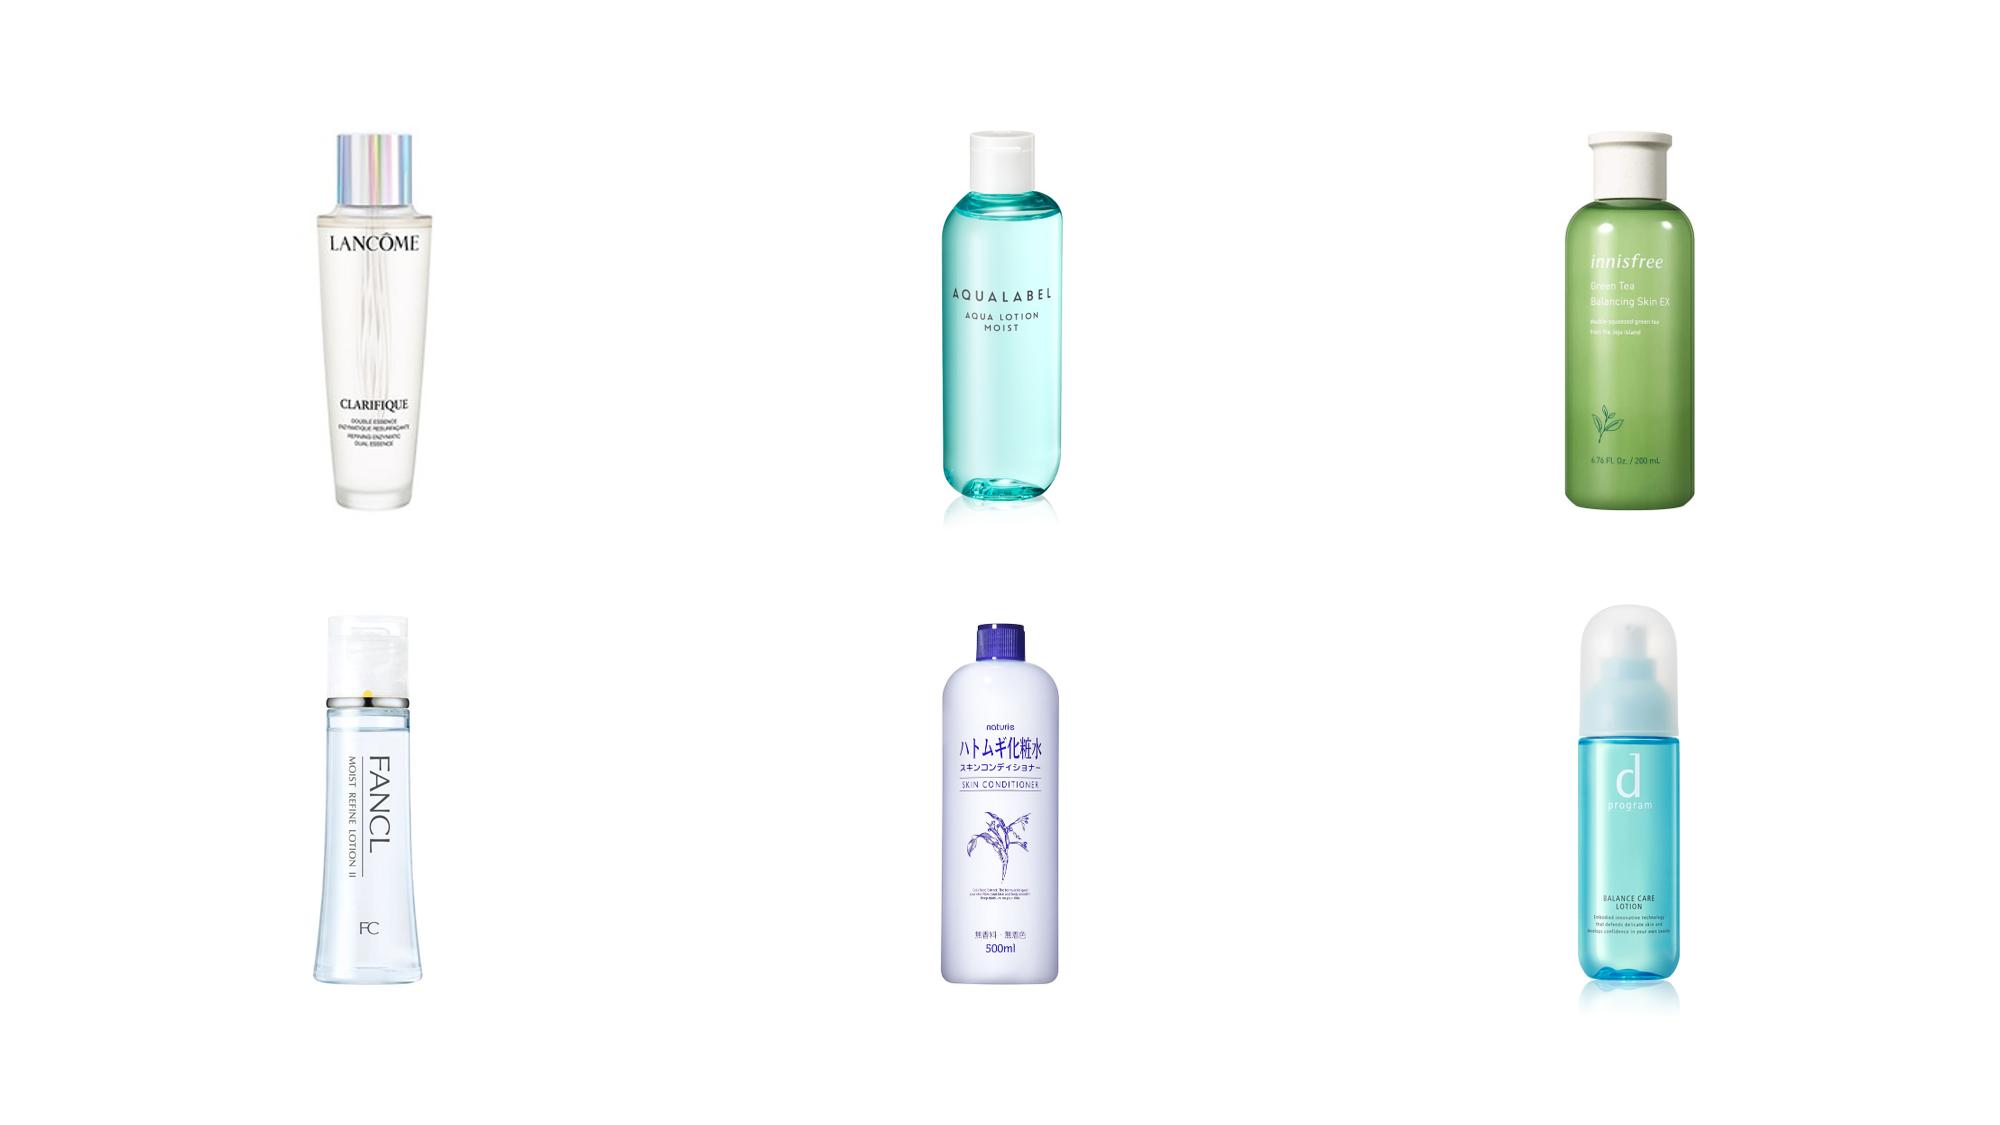 インナードライにおすすめの化粧水24選!プチプラ・デパコス・韓国から人気商品をCHECK